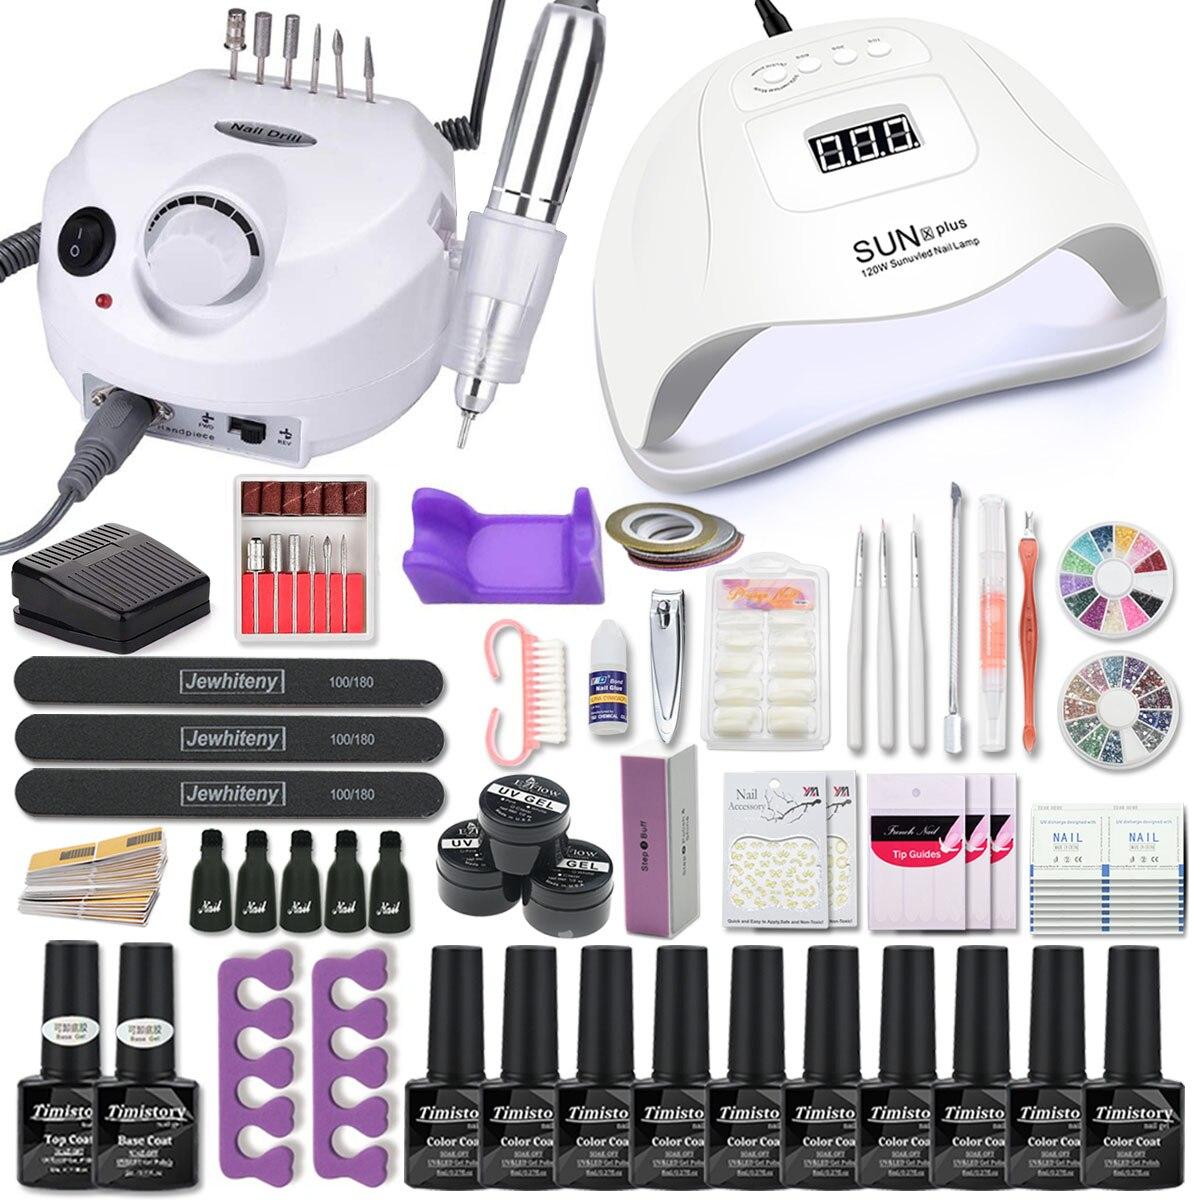 Conjunto de manicure para o prego conjunto 120/80/54 w uv lâmpada led gel unha polonês conjunto kit elétrico broca do prego manicure define ferramentas da arte do prego